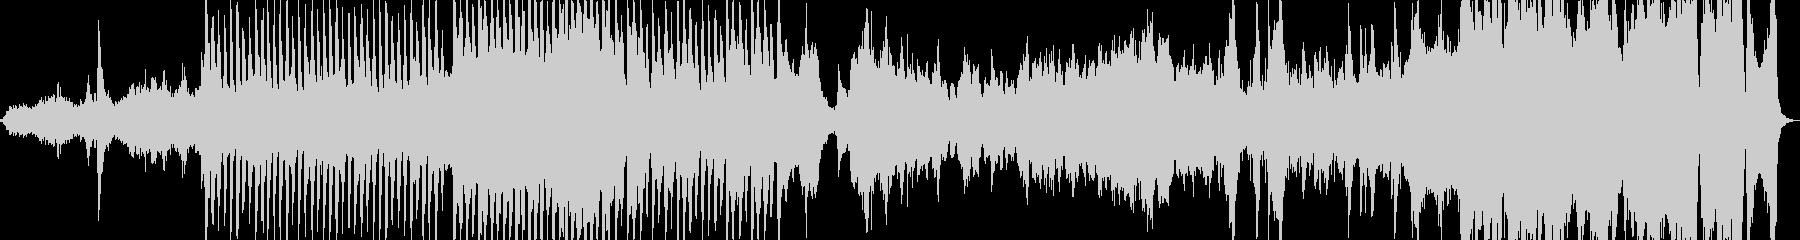 アラビア風のオーケストラ組曲の未再生の波形